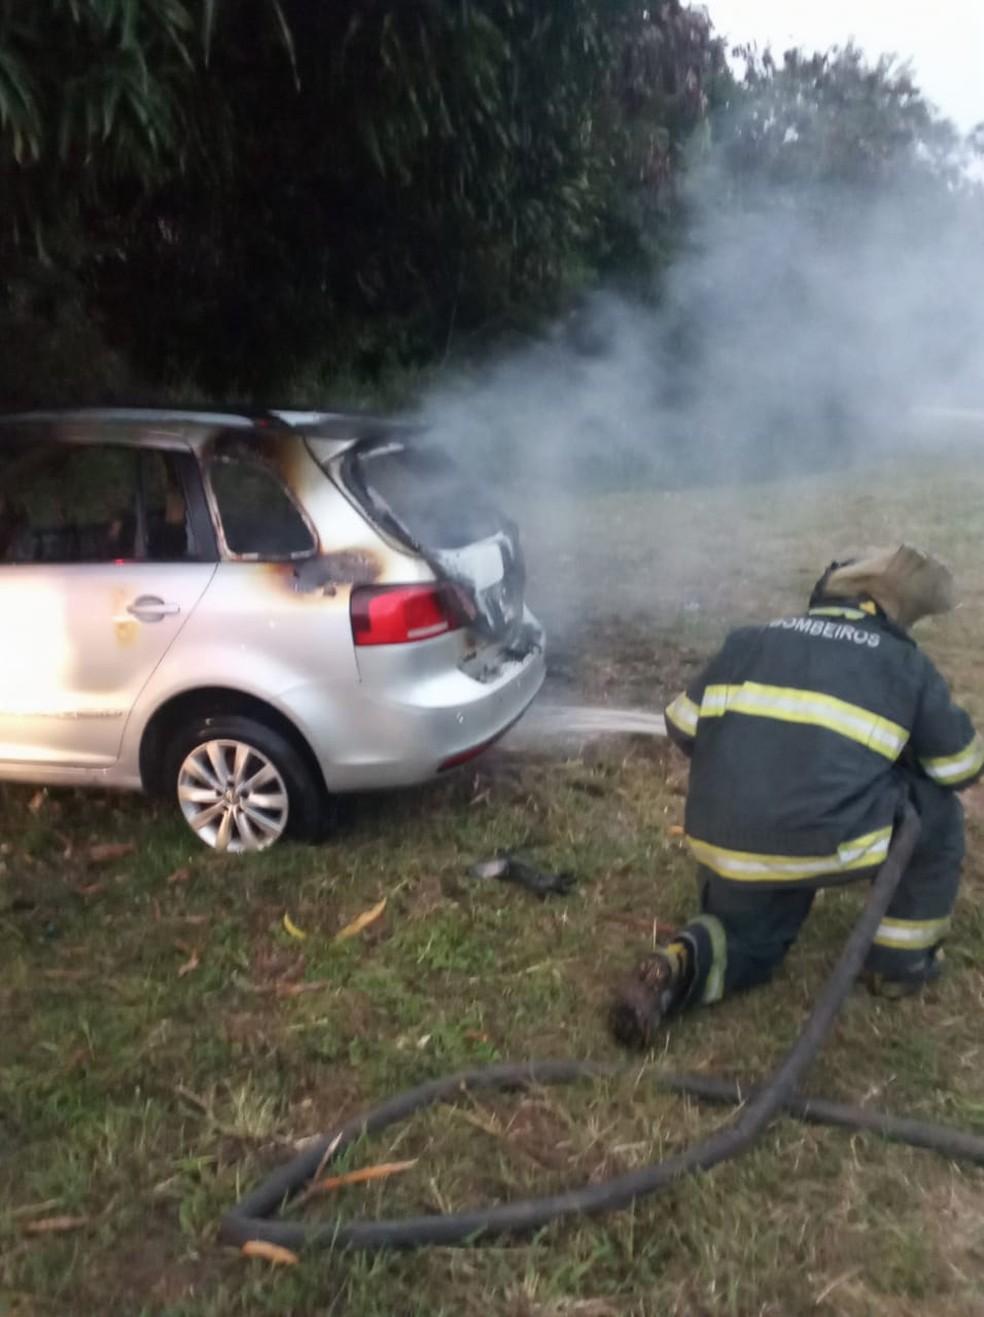 Bombeiros usaram água para apagar fogo de carro movido a GNV em Marechal Deodoro, AL — Foto: Divulgação/Corpo de Bombeiros de Alagoas